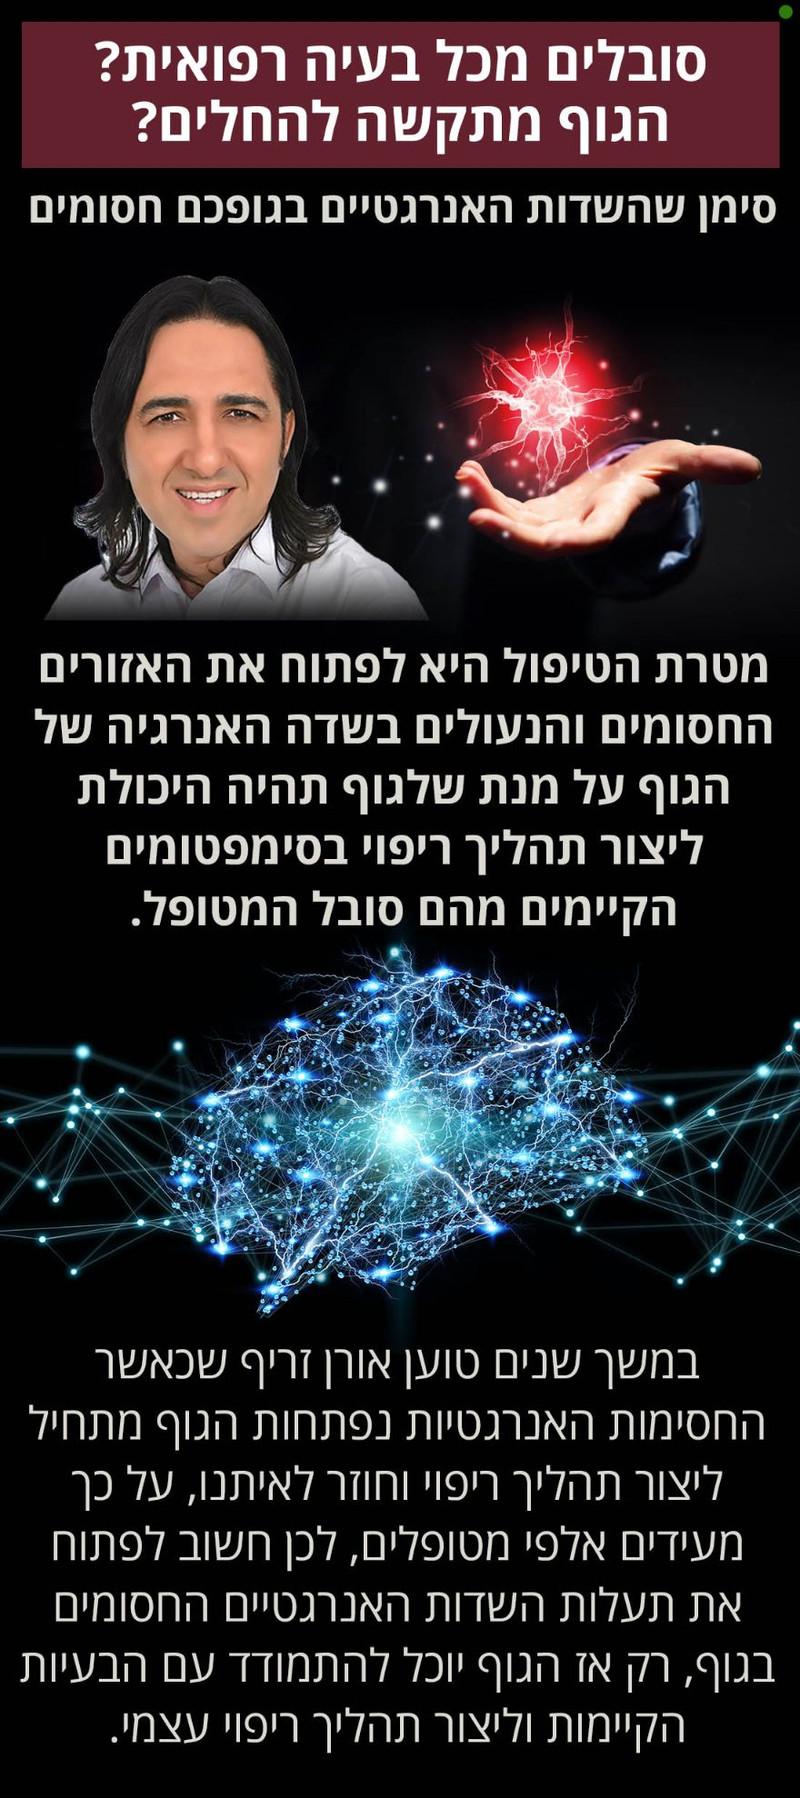 page-hebrew001 (1) (1).jpg